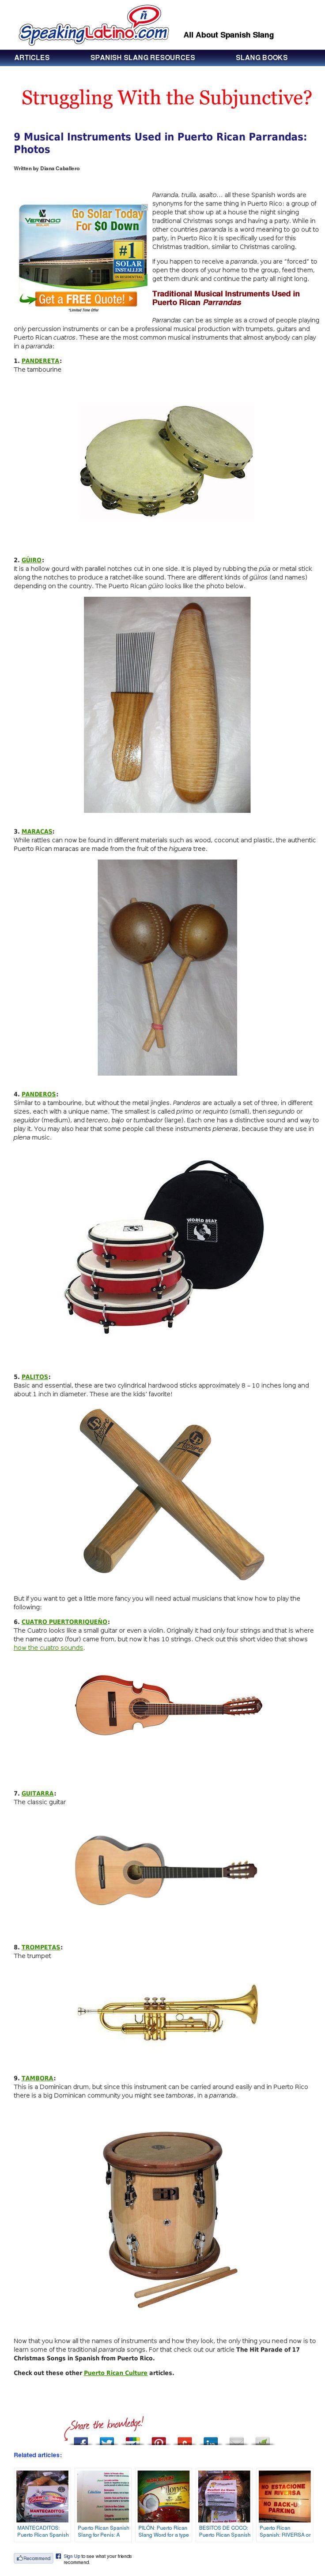 9 Musical Instruments Used in Puerto Rican Parrandas | Lista de instrumentos musicales usados en Puerto Rico #PuertoRico #Christmas #Navidad via http://www.speakinglatino.com/musical-instruments-used-puerto-rican-parrandas/